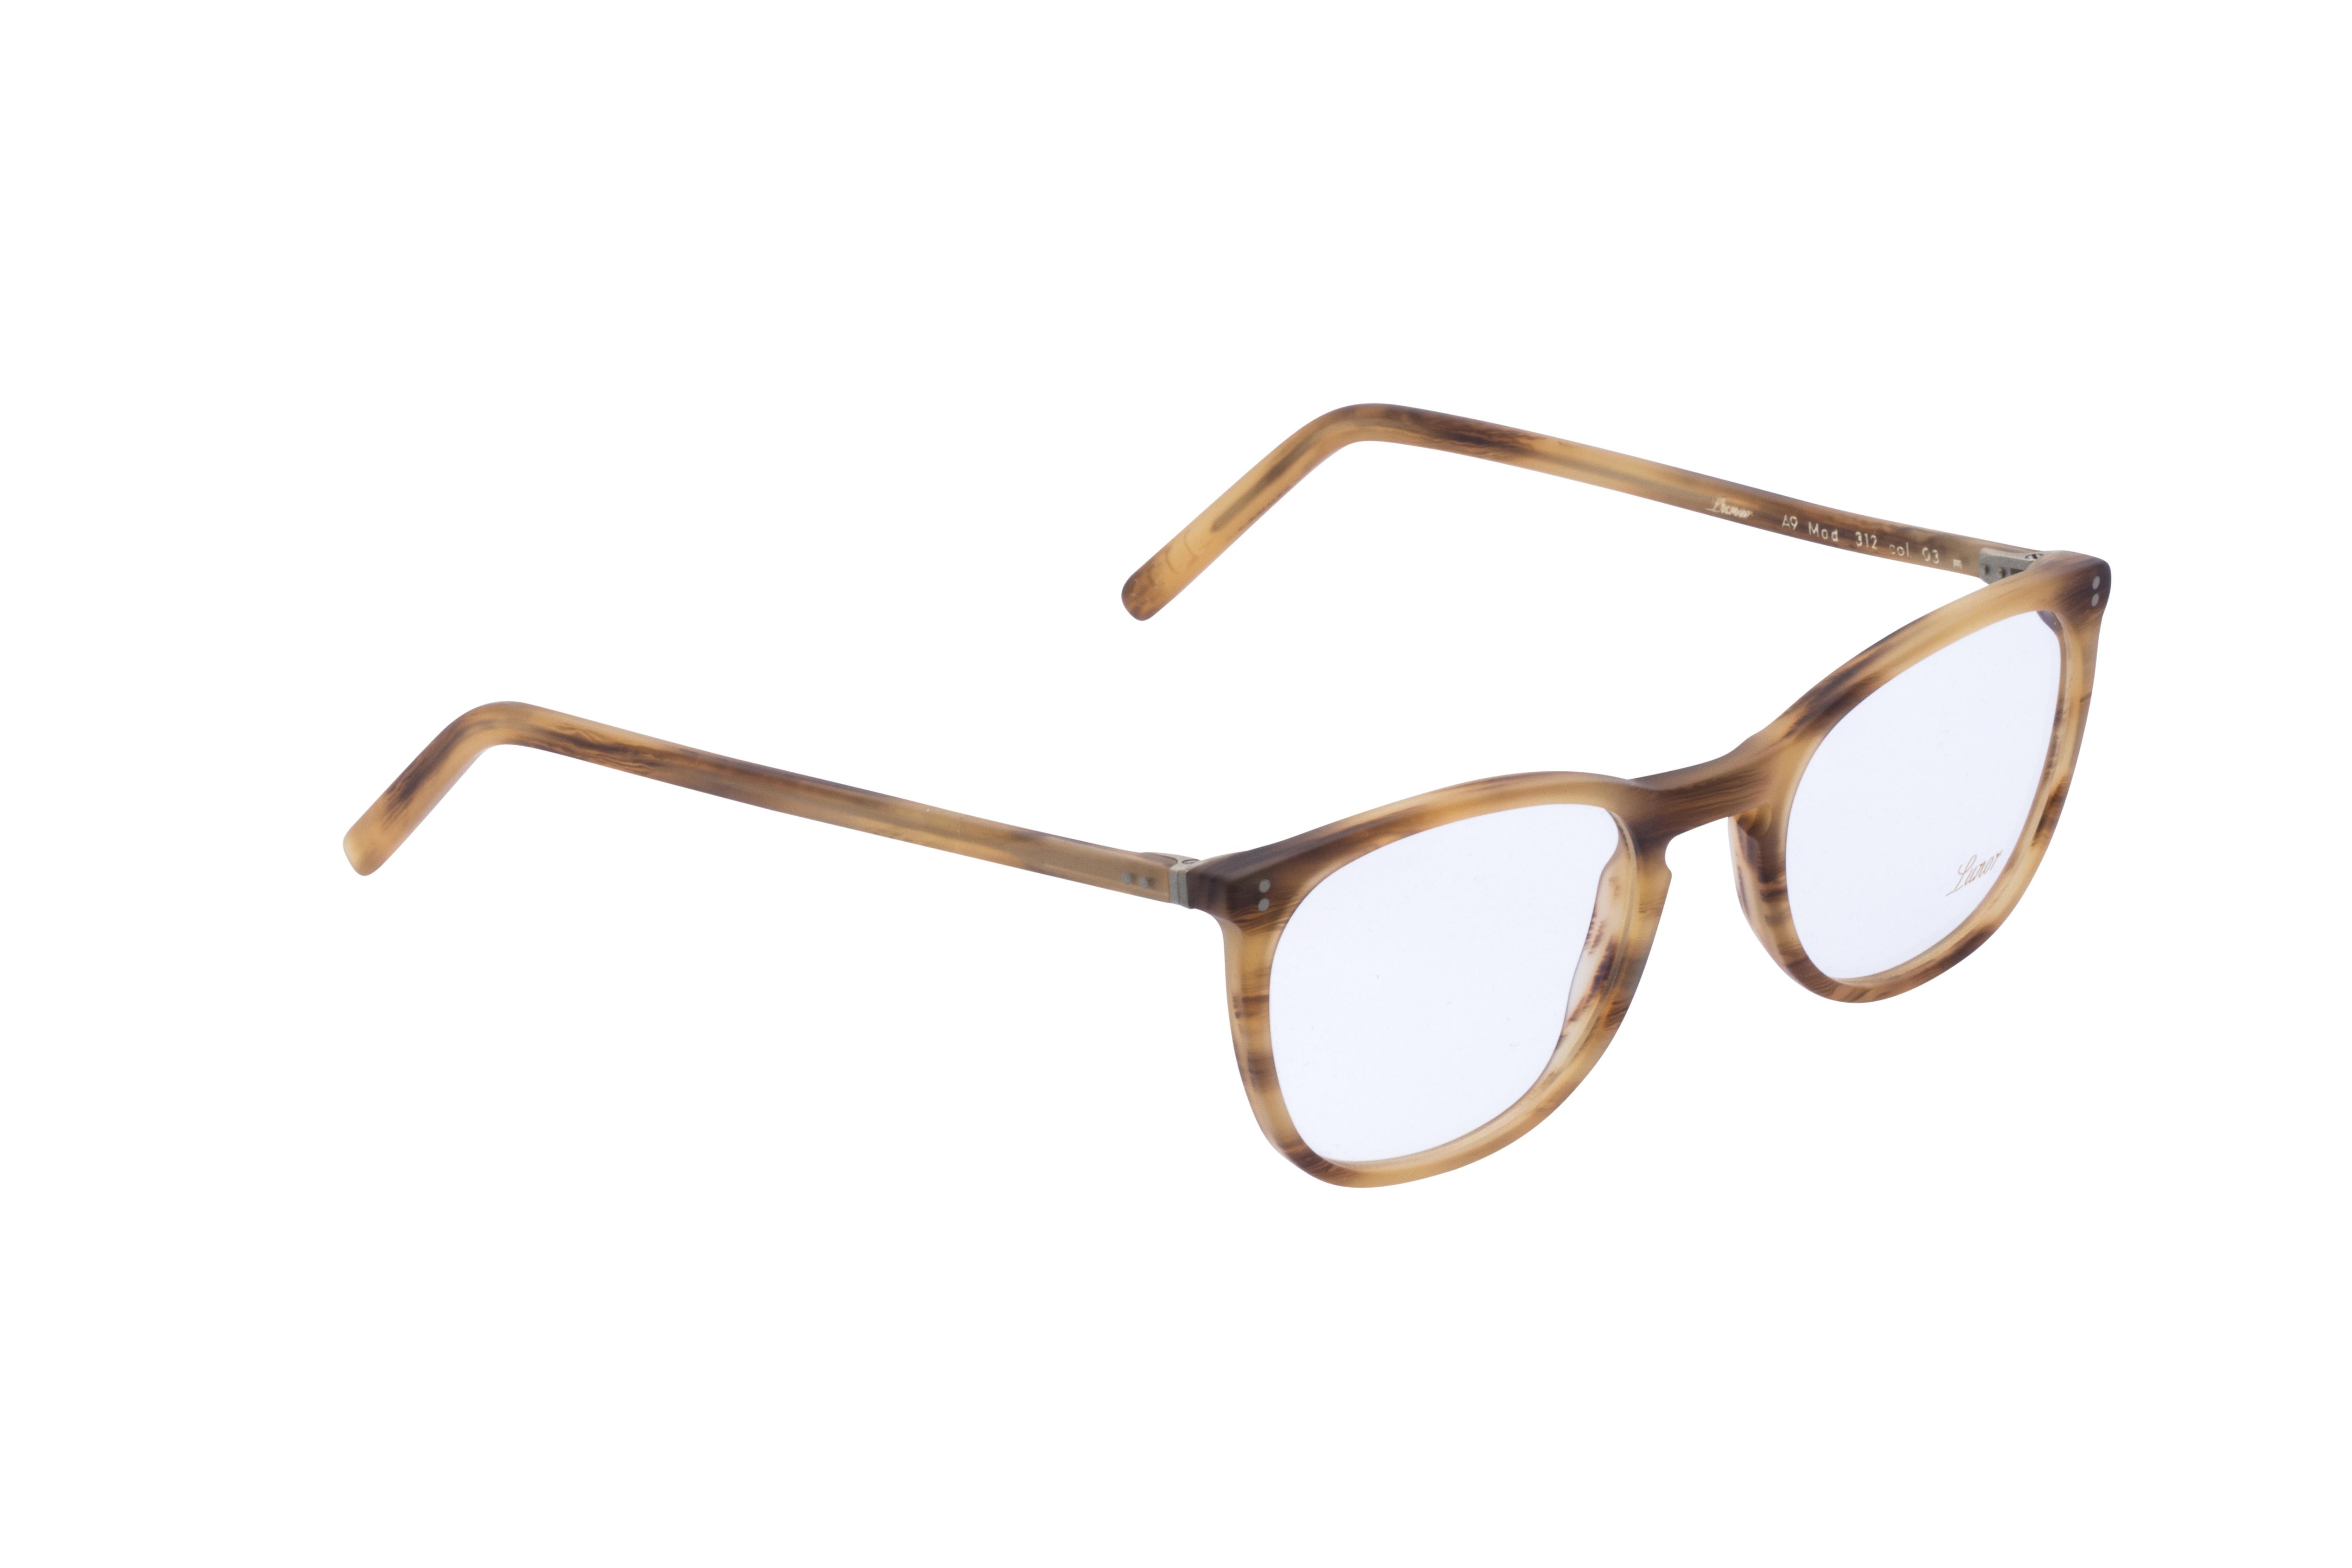 360 Grad Ansicht 3 Lunor 312, Brille auf Weiß - Fassung bei KUNK